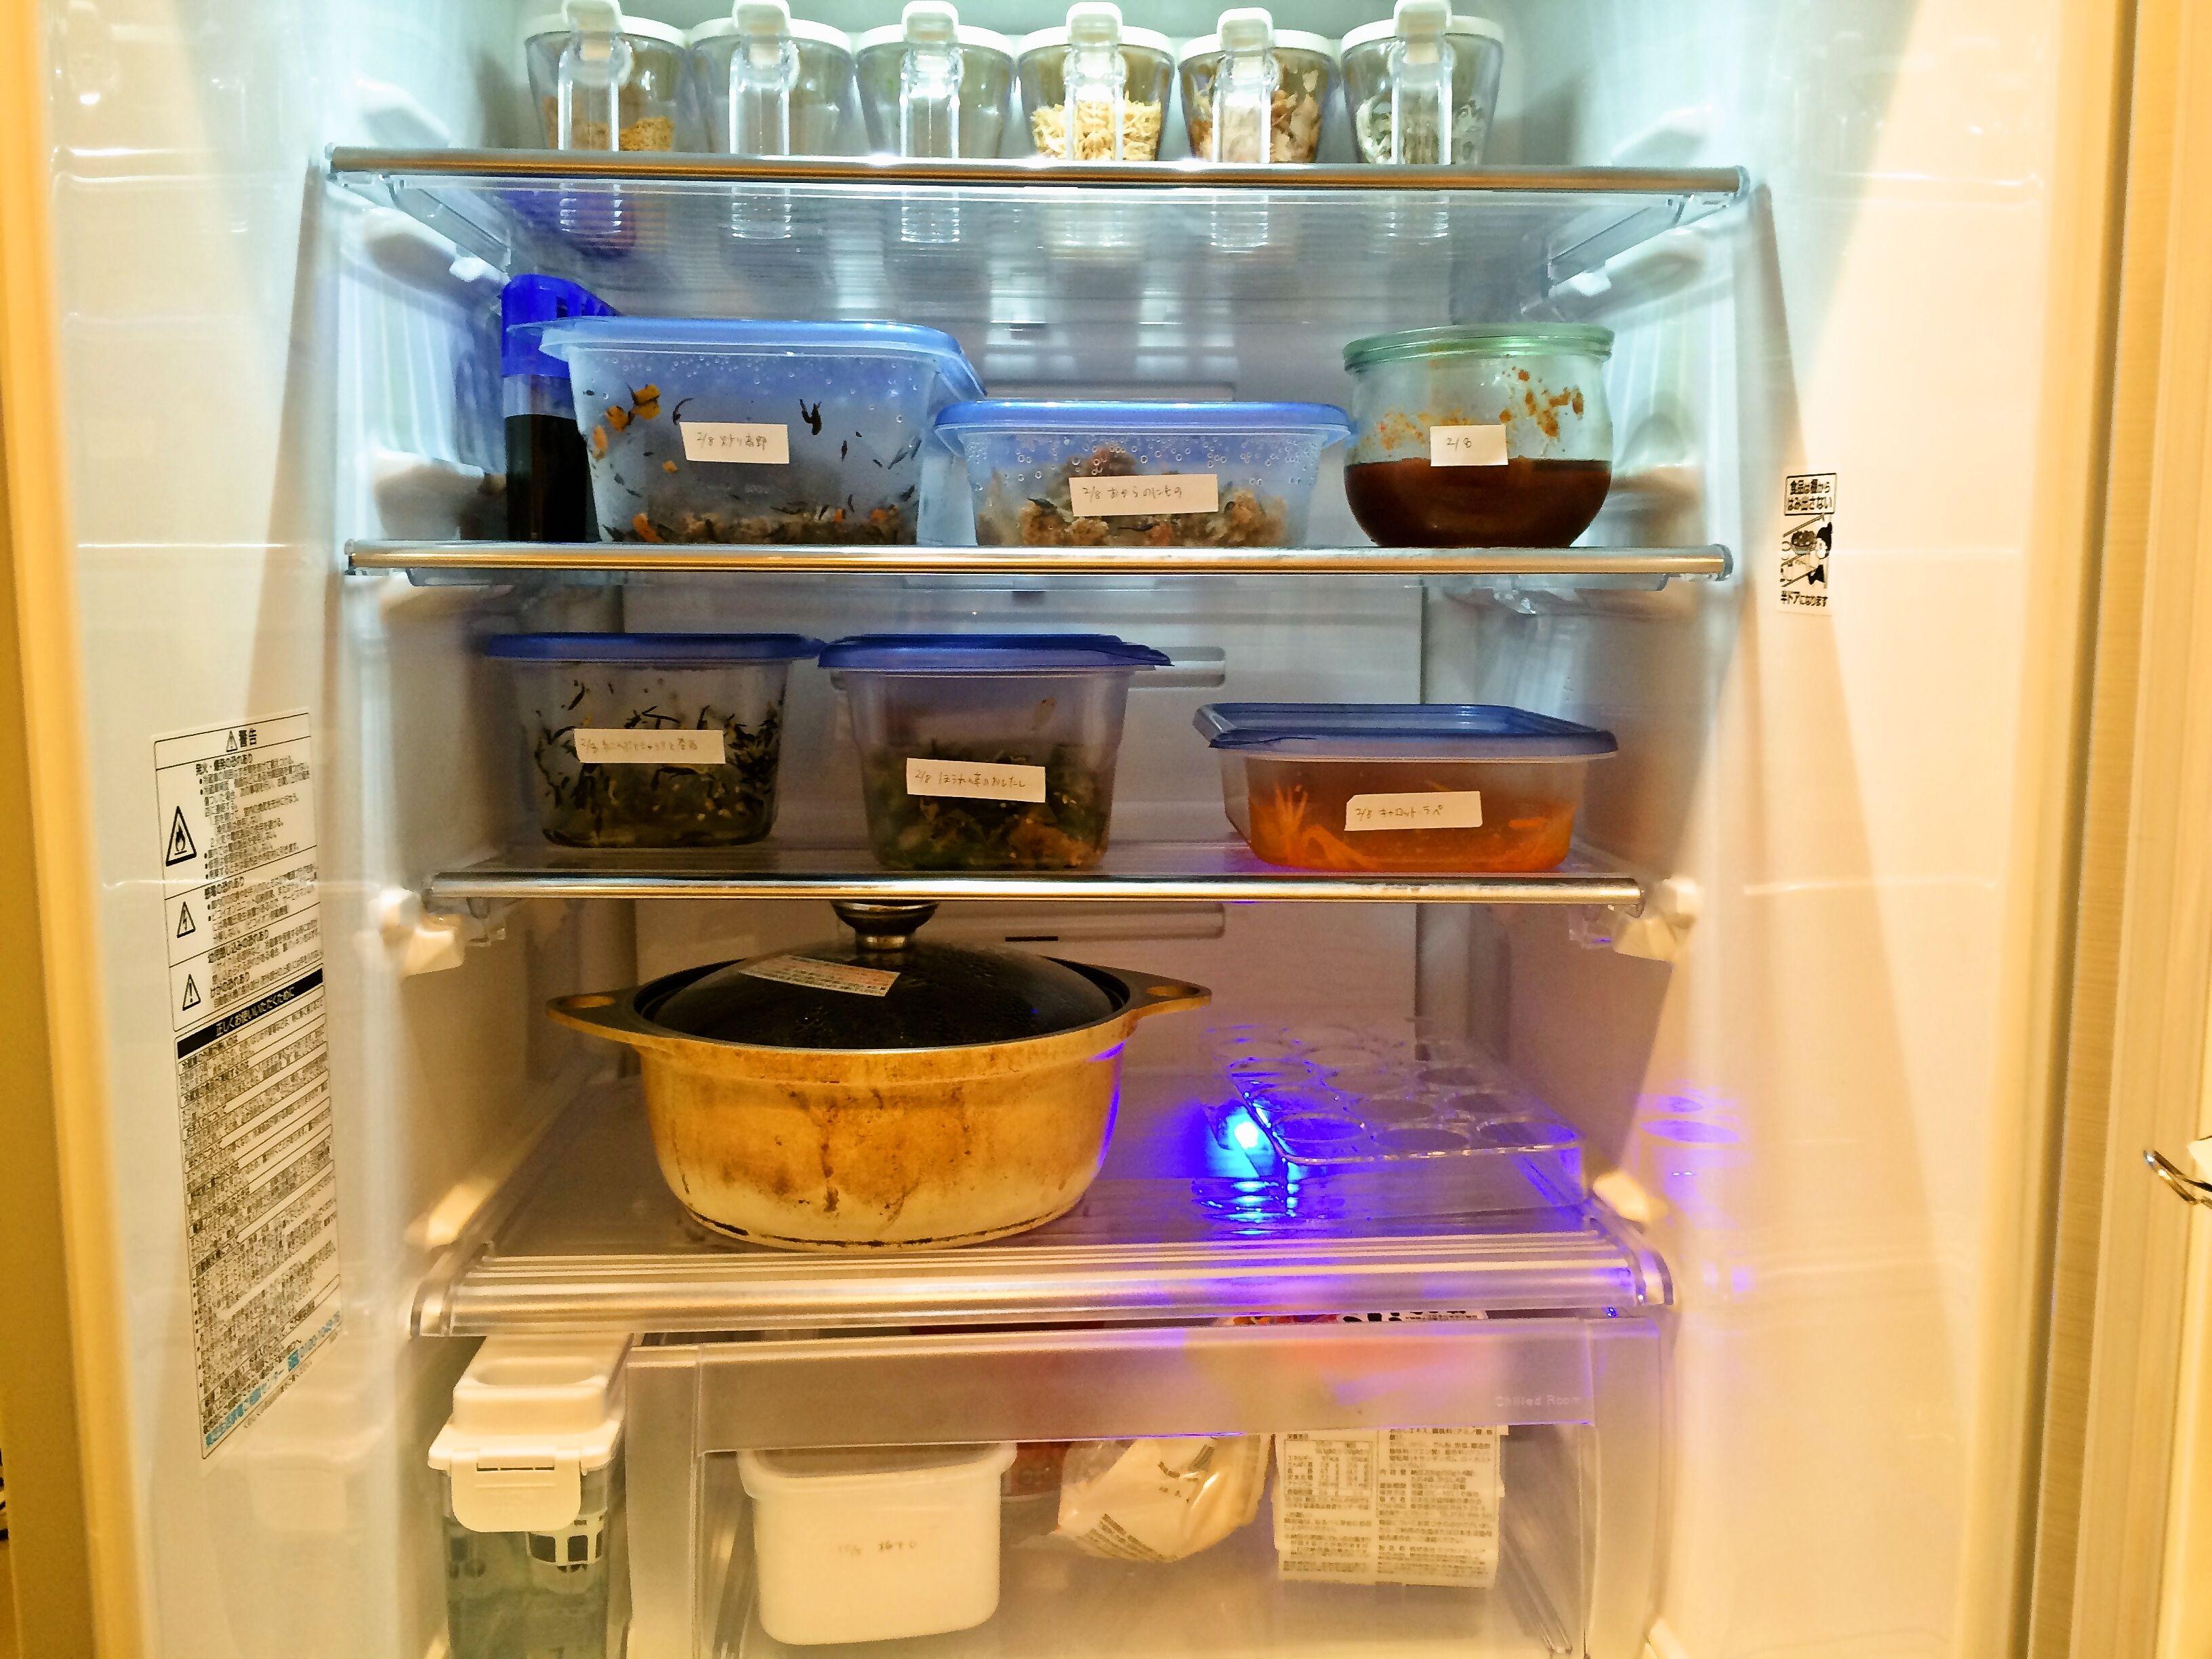 冷蔵庫・冷凍庫の中身と収納について